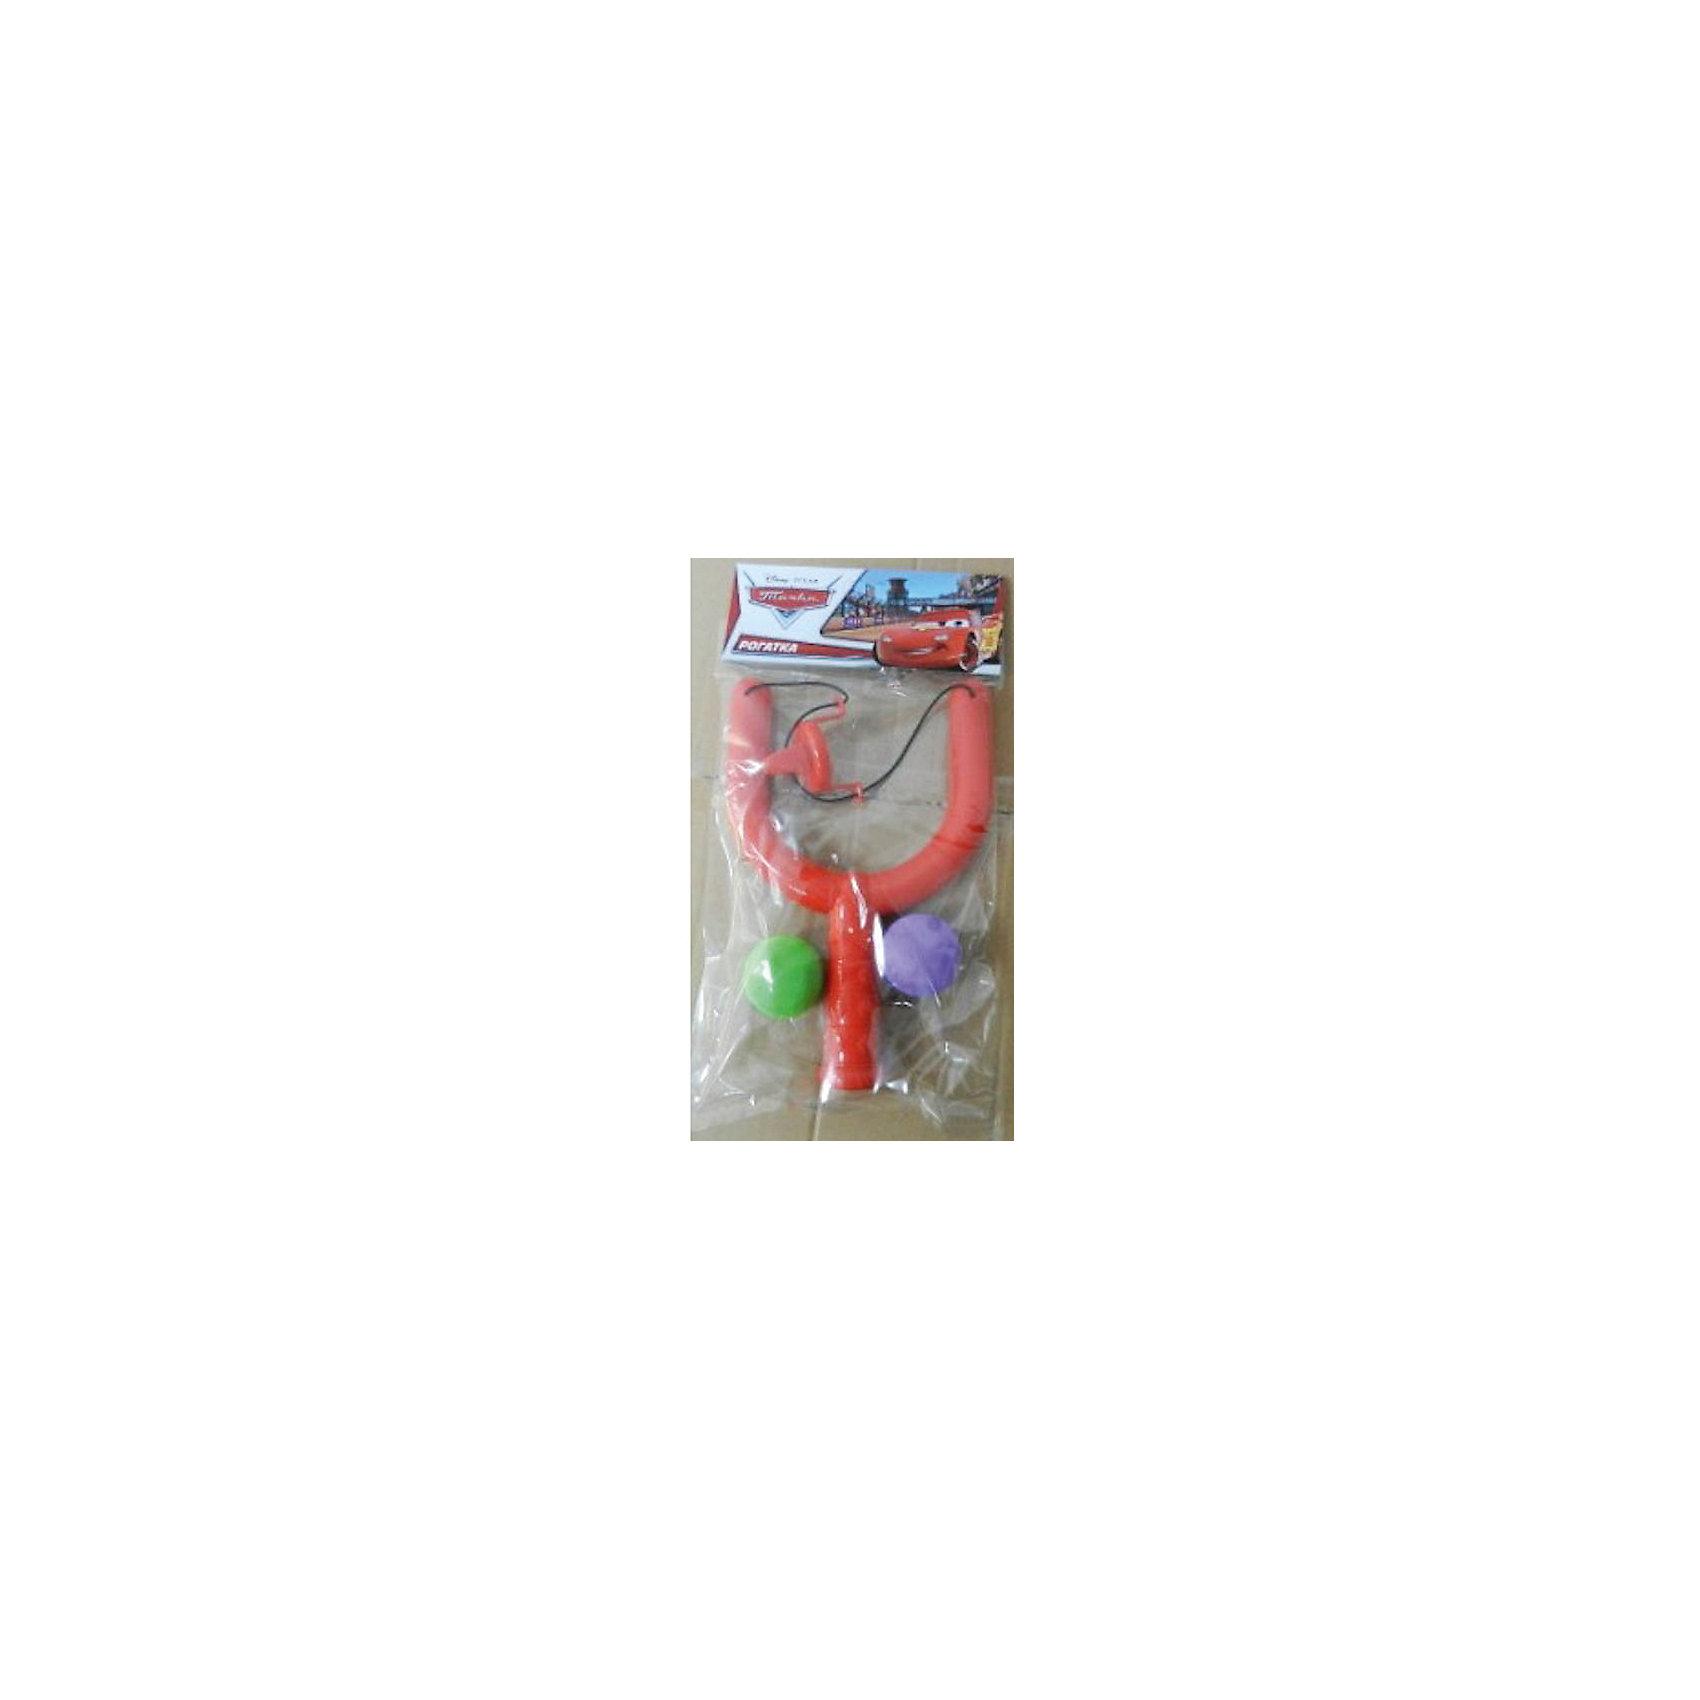 Рогатка с 2мя мячами, 4,5 см, ТачкиКакой мальчишка не мечтает о рогатке? Рогатка Тачки приведет в восторг любого ребенка. Она оснащена удобной рельефной рукояткой и текстильной резинкой, дополненной удобным пластиковым захватом. Рогатка выполнена из высококачественного прочного пластика, стреляет абсолютно безопасными шариками-зарядами. <br><br>Дополнительная информация:<br><br>- Материал: пластик, резина.<br>- Размер рогатки: 23х5,5 см. <br>- Размер шарика: d - 4,5 см. <br>- Комплектация: рогатка, 2 шарика. <br>- Мягкие шарики-заряды. <br><br>Рогатку с 2-мя мячами, 4,5 см, Тачки (Cars), можно купить в нашем магазине.<br><br>Ширина мм: 600<br>Глубина мм: 510<br>Высота мм: 400<br>Вес г: 120<br>Возраст от месяцев: 36<br>Возраст до месяцев: 144<br>Пол: Мужской<br>Возраст: Детский<br>SKU: 4616864